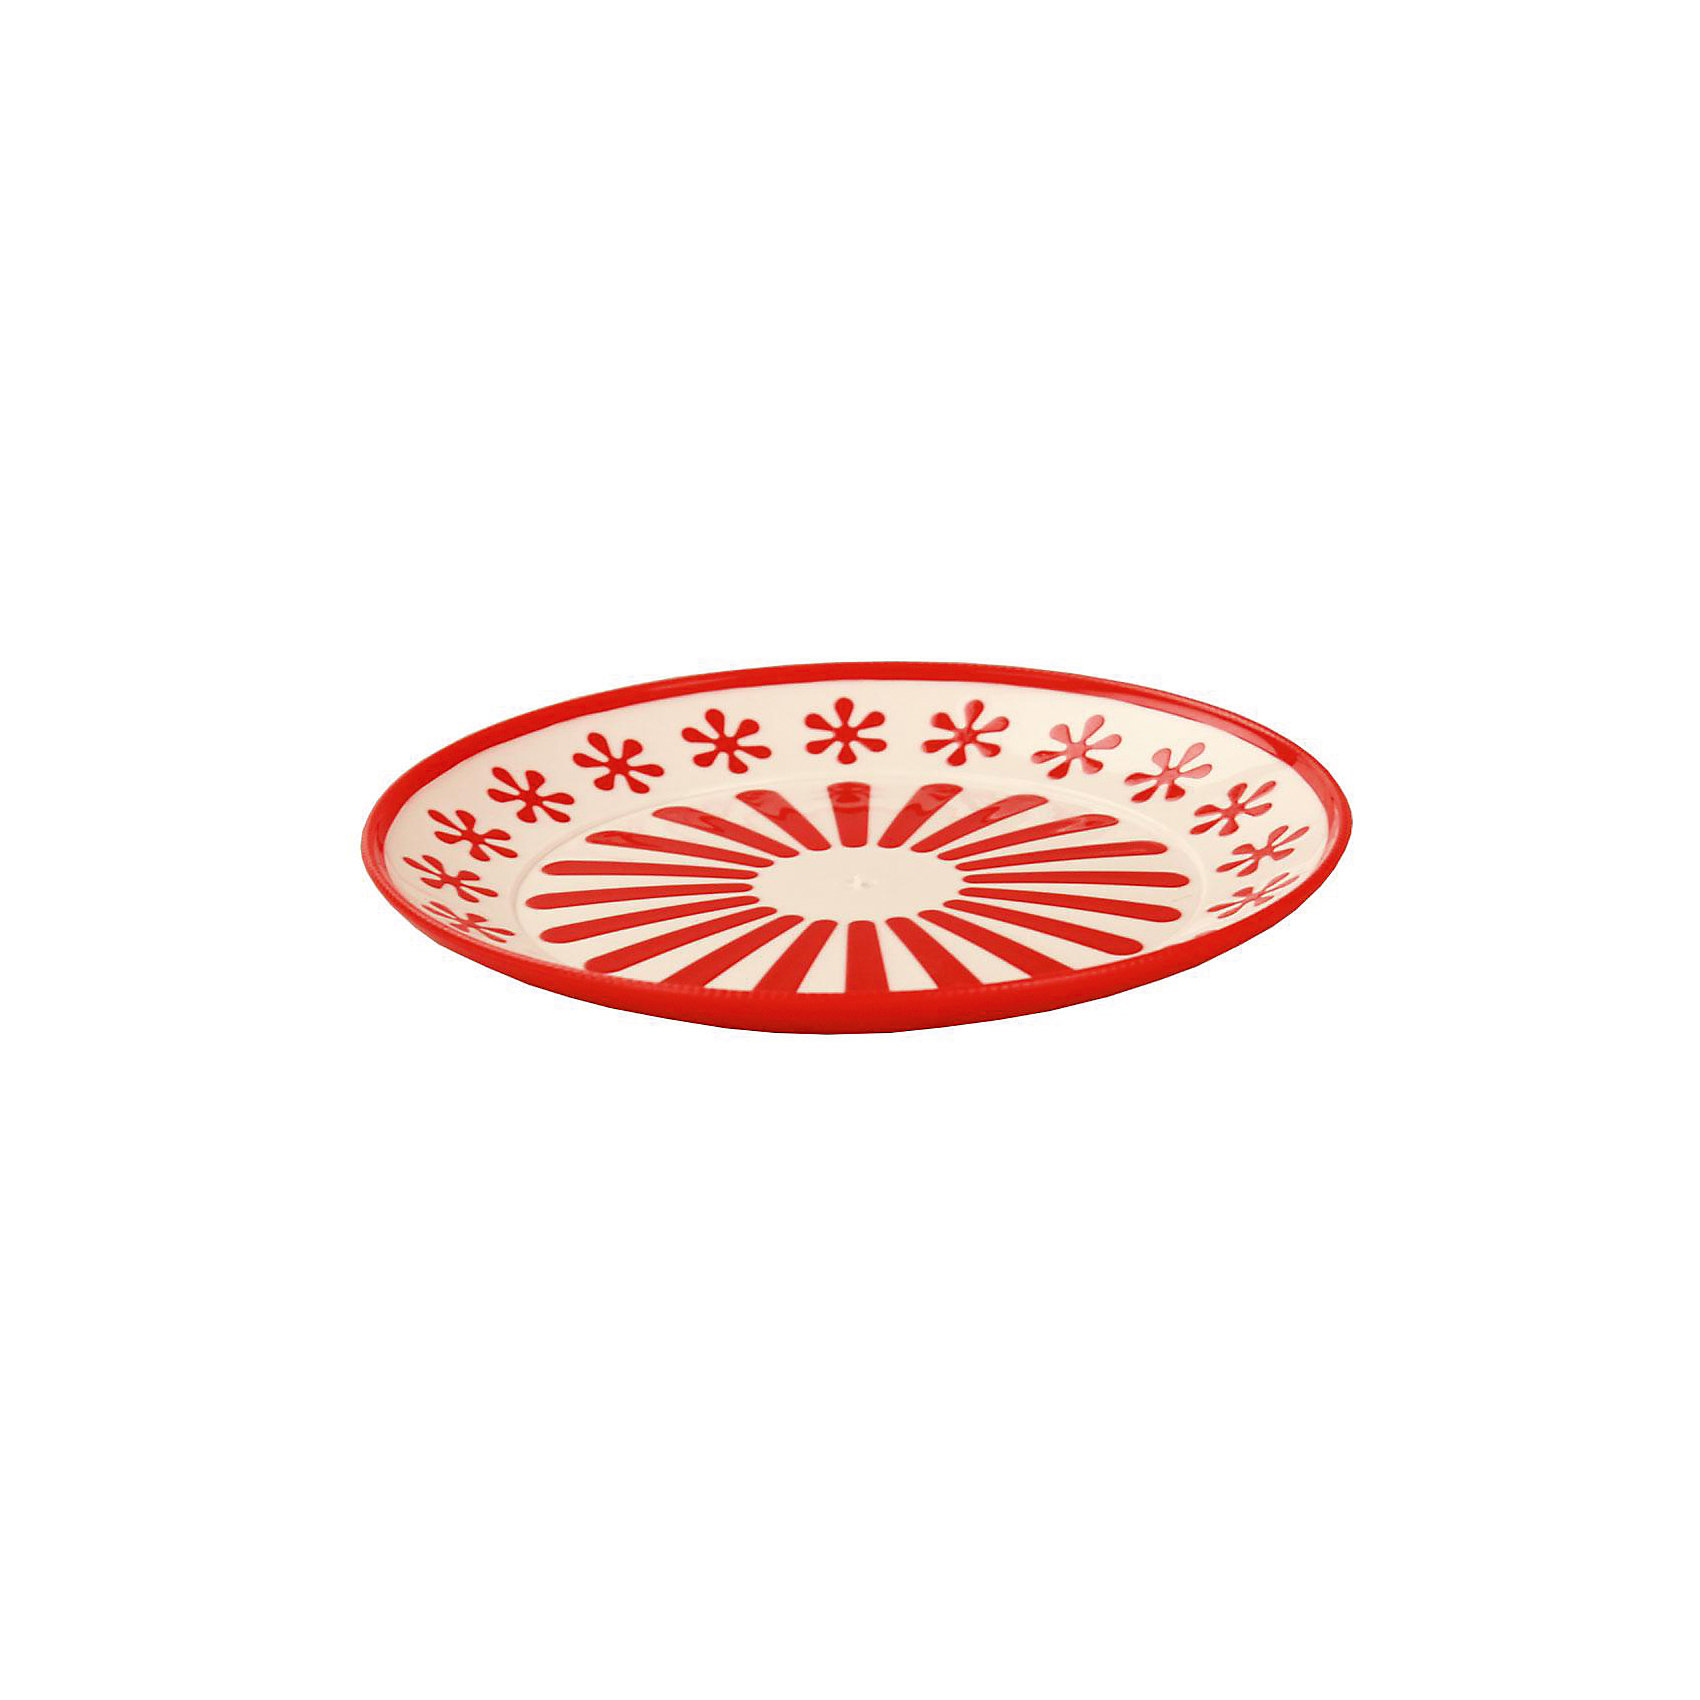 Тарелка Валенсия, Alternativa, красный-белыйХарактеристики:<br><br>• Предназначение: для пищевых продуктов<br>• Материал: пластик<br>• Цвет: красный, белый <br>• Размер (Д*Ш*В):  19*19*20 см<br>• Особенности ухода: разрешается мыть<br><br>Тарелка Валенсия, Alternativa, красный-белый изготовлена отечественным производителем ООО ЗПИ Альтернатива, который специализируется на выпуске широкого спектра изделий и предметов мебели из пластика. Тарелка выполнена из экологически безопасного пищевого пластика, устойчивого к механическим повреждениям и изменению цвета. Ее можно использовать для холодных пищевых продуктов, в качестве вазы для фруктов или кондитерских изделий.Тарелка выполнена в ярком дизайне. Изделие имеет компактный размер и легкий вес, поэтому его удобно брать с собой на природу и дачу. <br><br>Тарелку Валенсия, Alternativa, красно-белую можно купить в нашем интернет-магазине.<br><br>Ширина мм: 190<br>Глубина мм: 190<br>Высота мм: 2<br>Вес г: 74<br>Возраст от месяцев: 36<br>Возраст до месяцев: 84<br>Пол: Унисекс<br>Возраст: Детский<br>SKU: 5096700